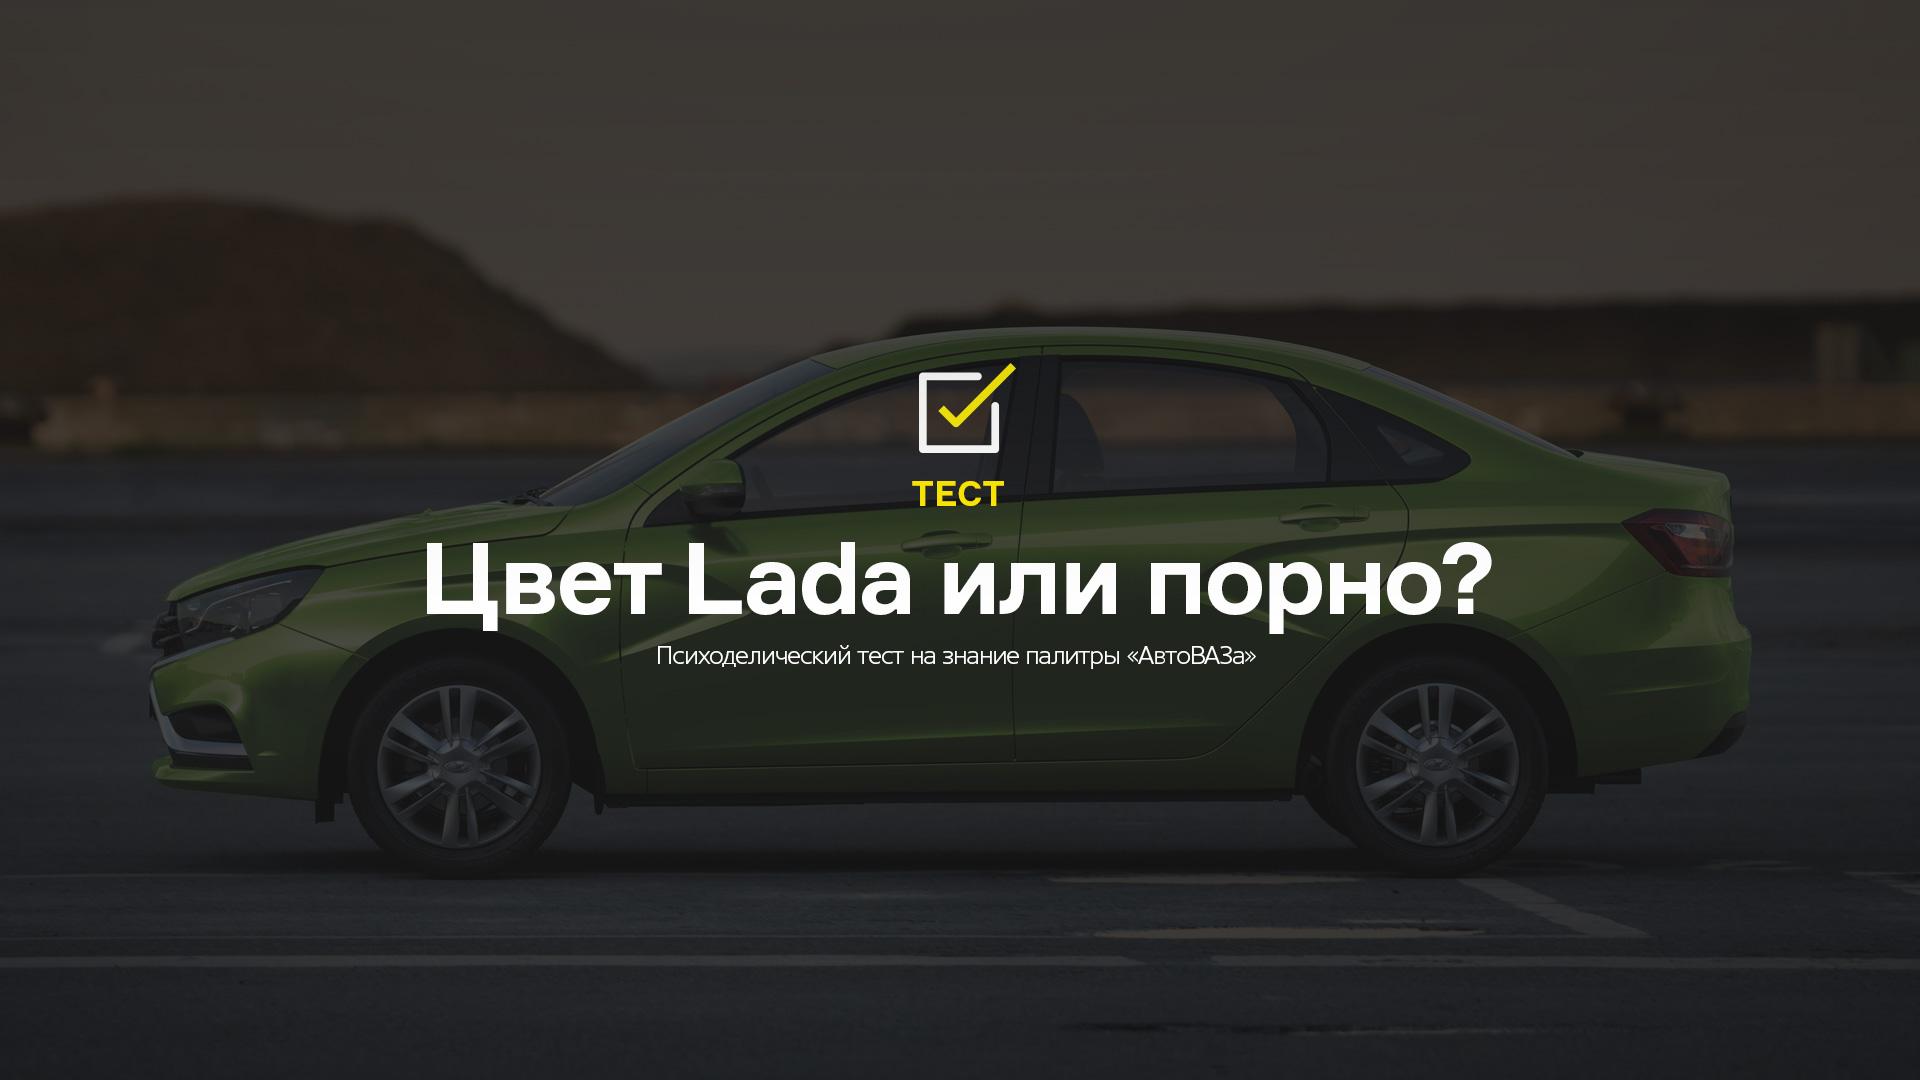 Цвет Lada или порно?